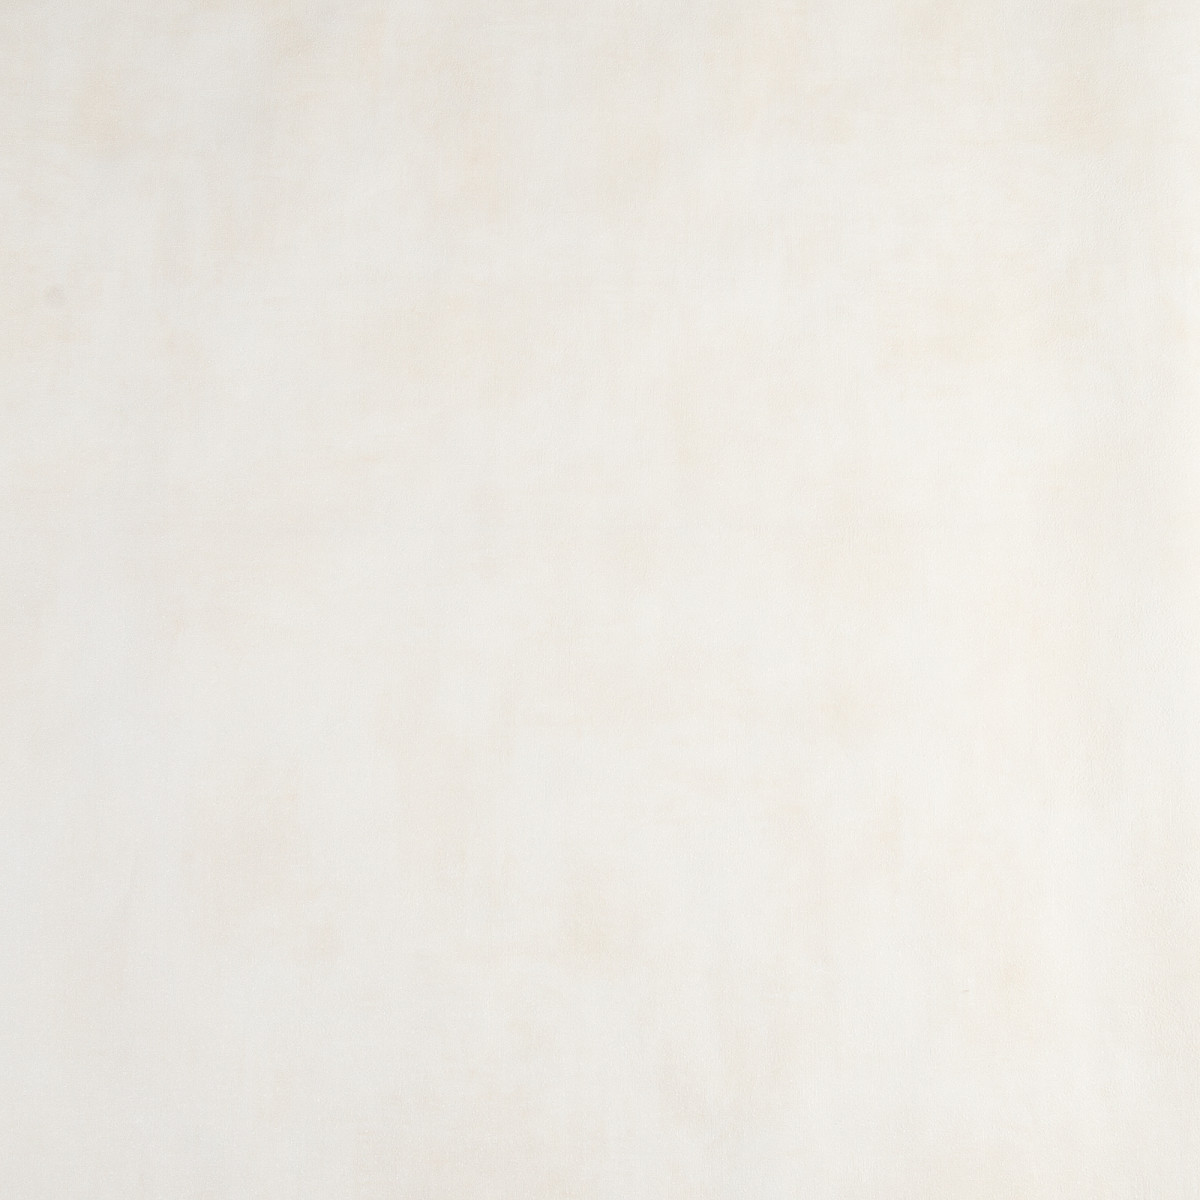 Обои на флизелиновой основе 1.06х10 м однотон цвет белый Ra 969924